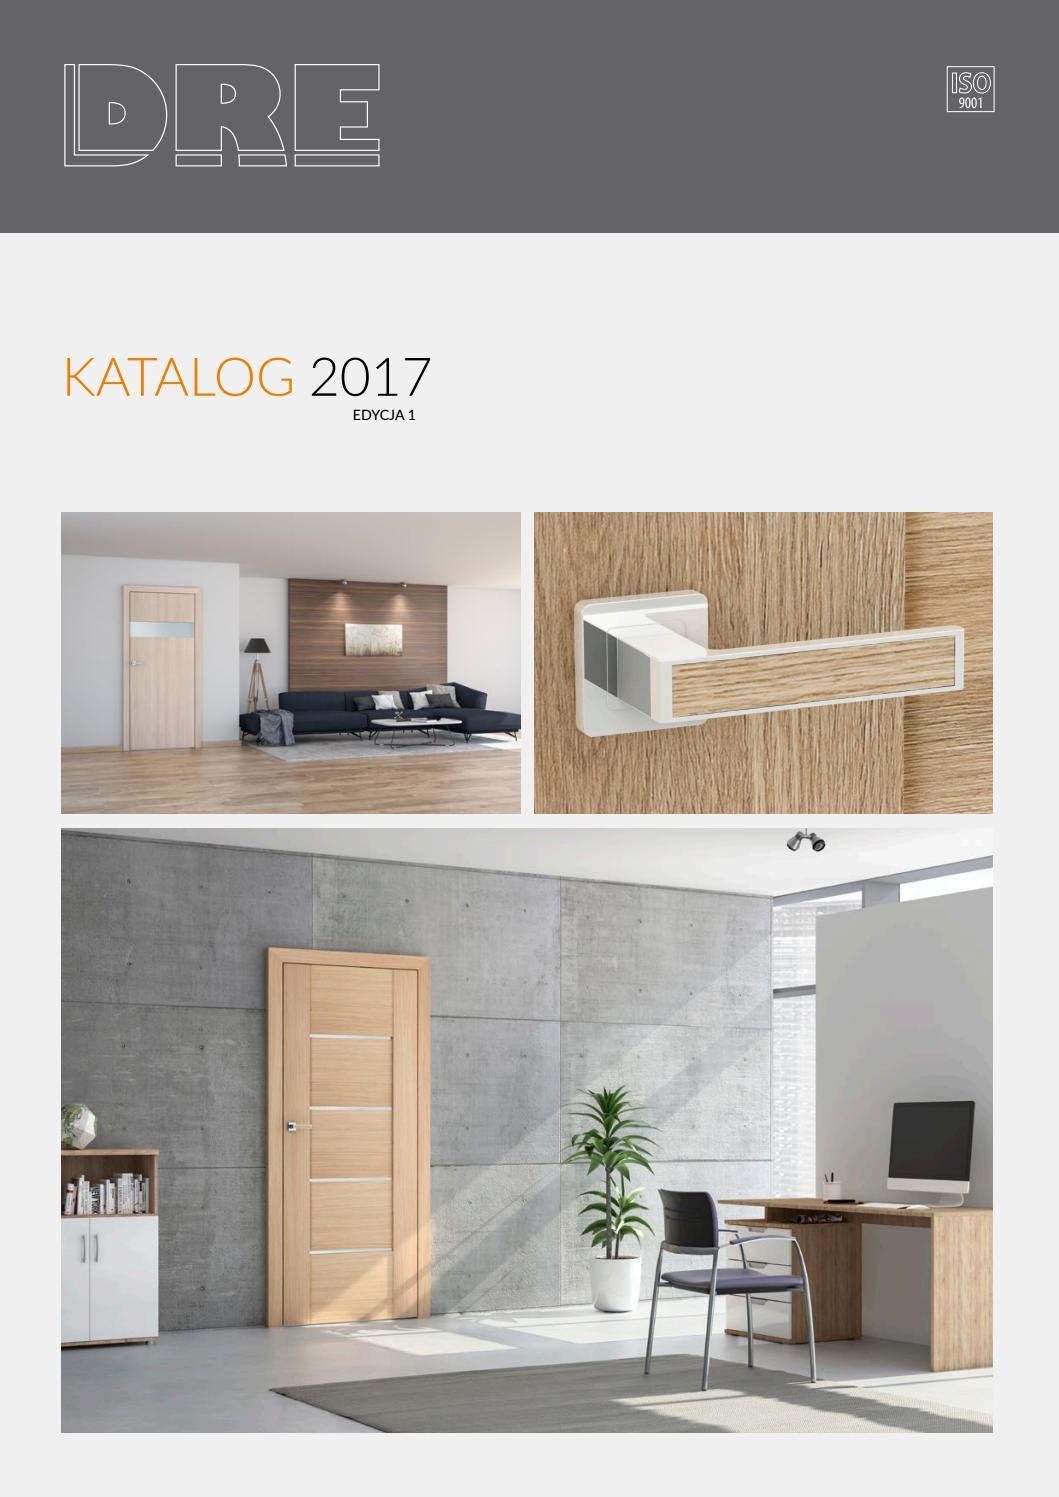 Katalog Drzwi Wewnętrznych Dre 2017 By Piotrowski Okna Issuu